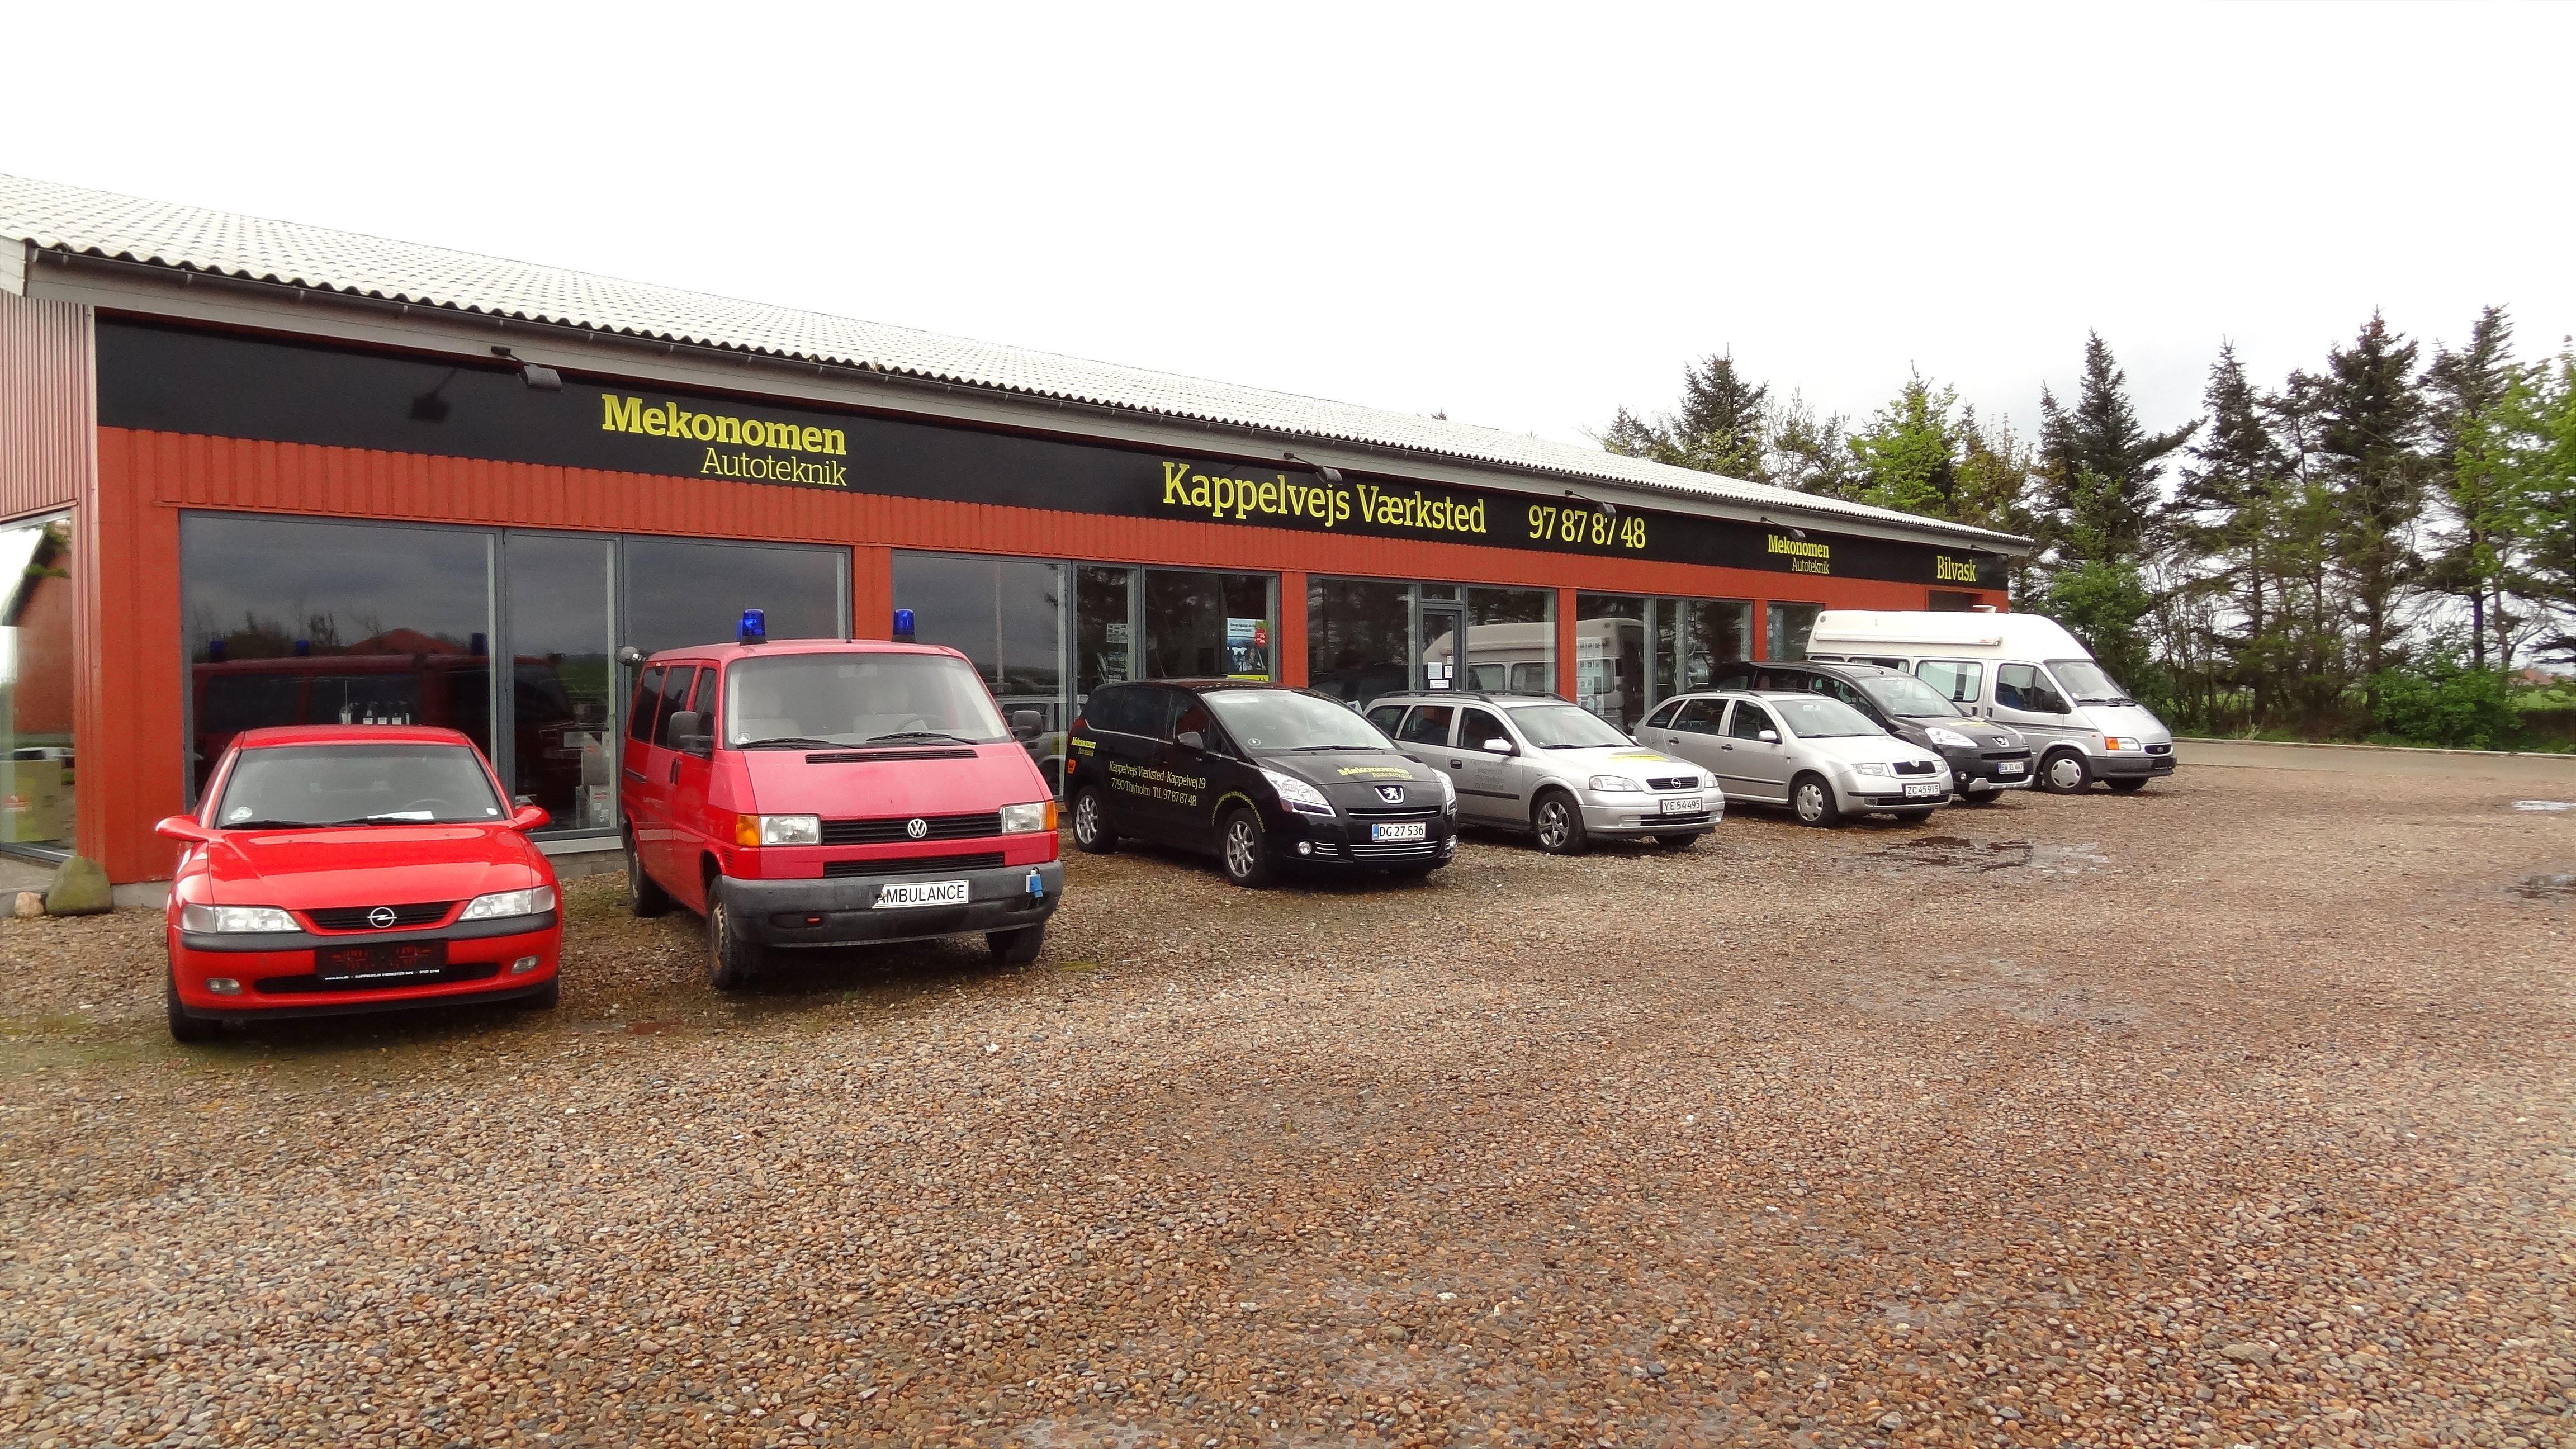 Kappelvejs Værksted ApS autoværksted i 7790 Thyholm - en del af DBR - Dansk Bilbrancheråd